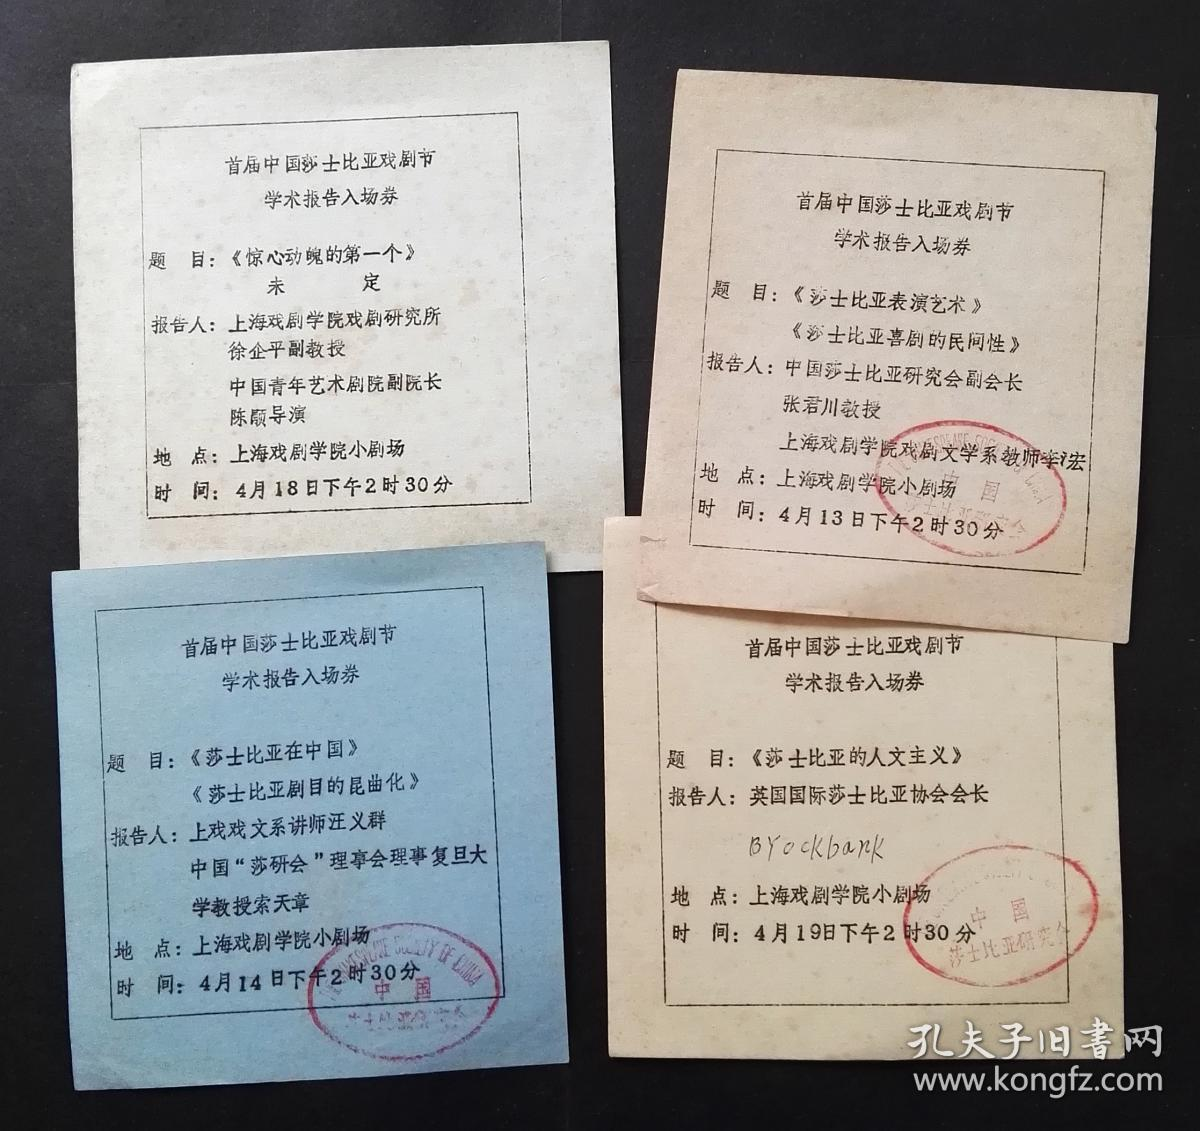 1986年首届中国莎士比亚戏剧节学术报告入场券(请柬)4枚张君川,上海戏剧学院徐企平